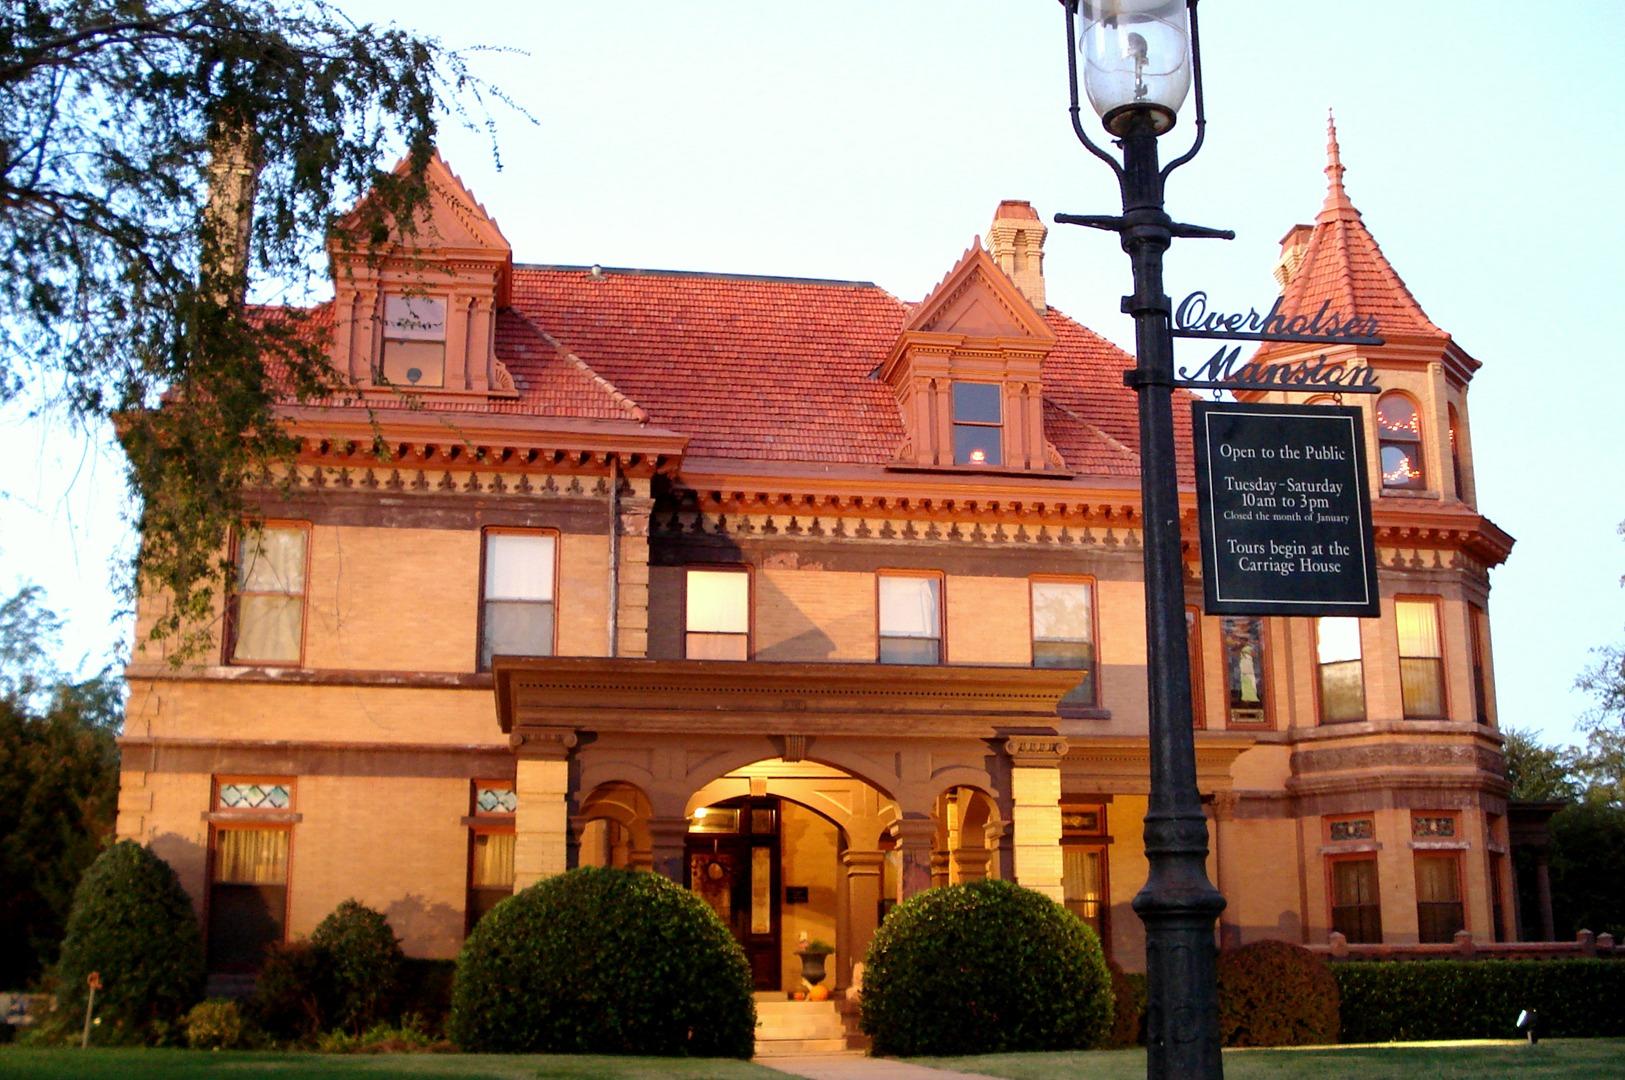 1903 Henry Overholser Mansion -